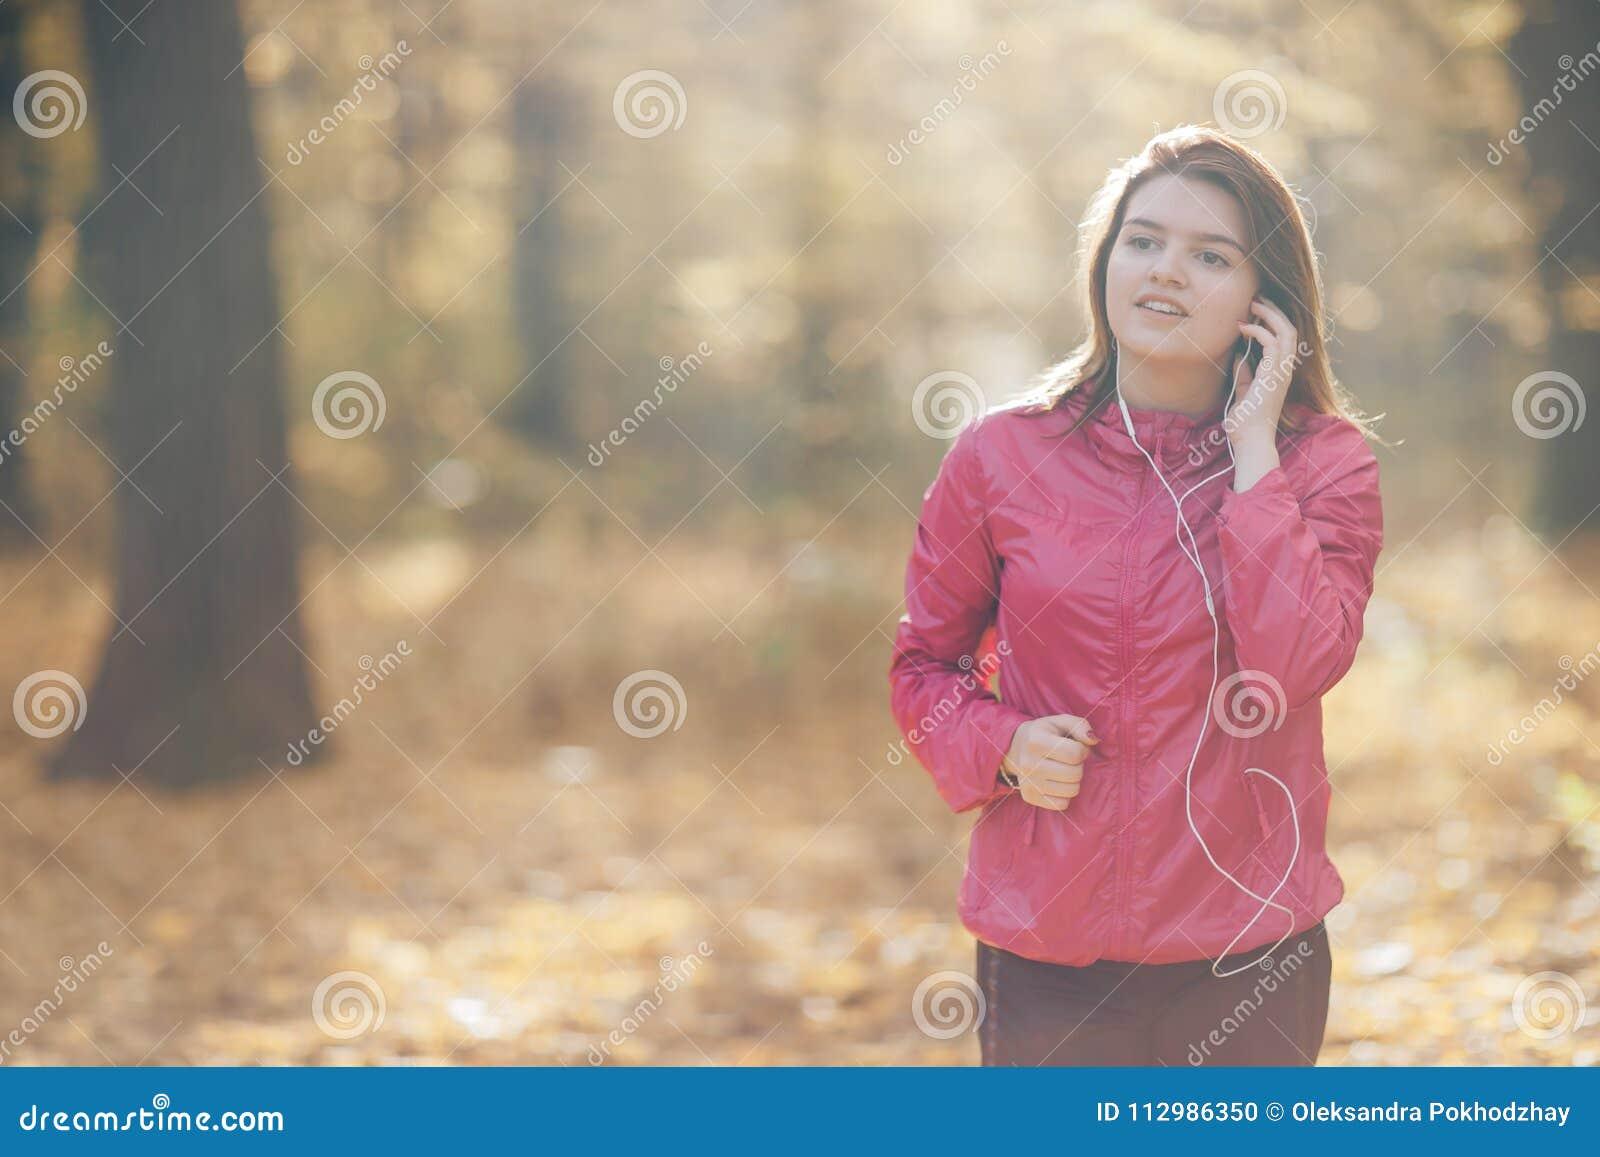 Portret van een meisje dat opleidt en aan muziek luistert